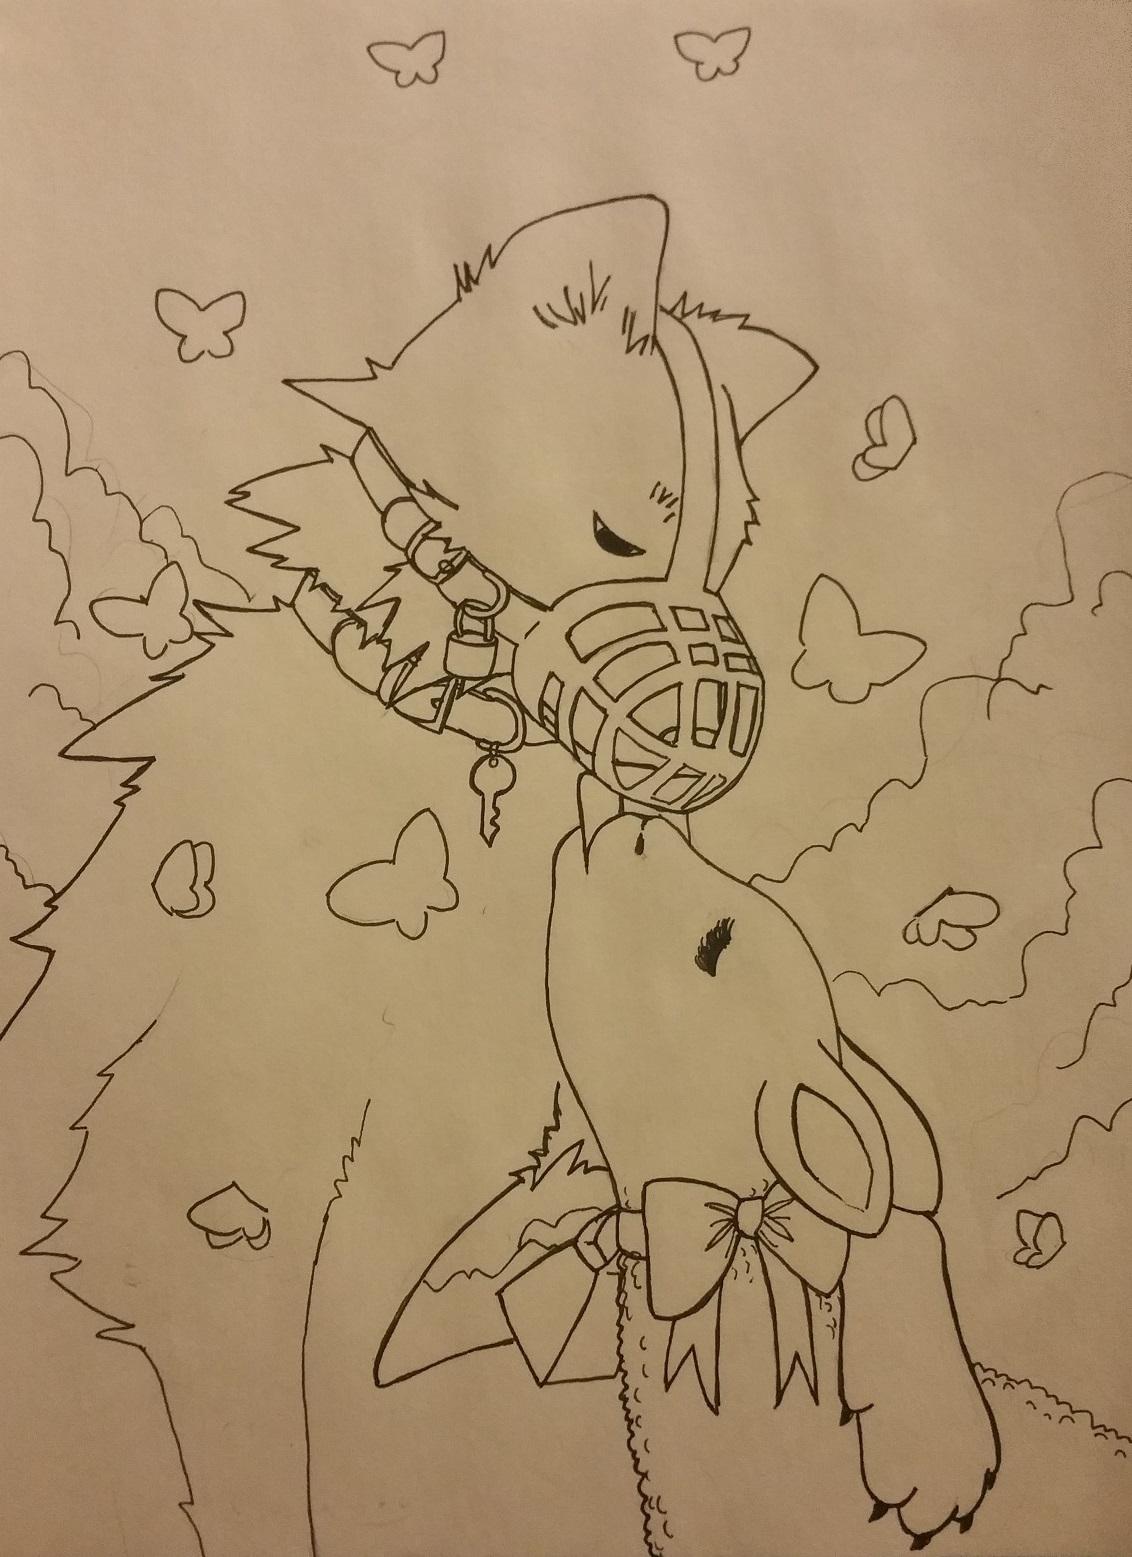 Muzzled Wolf